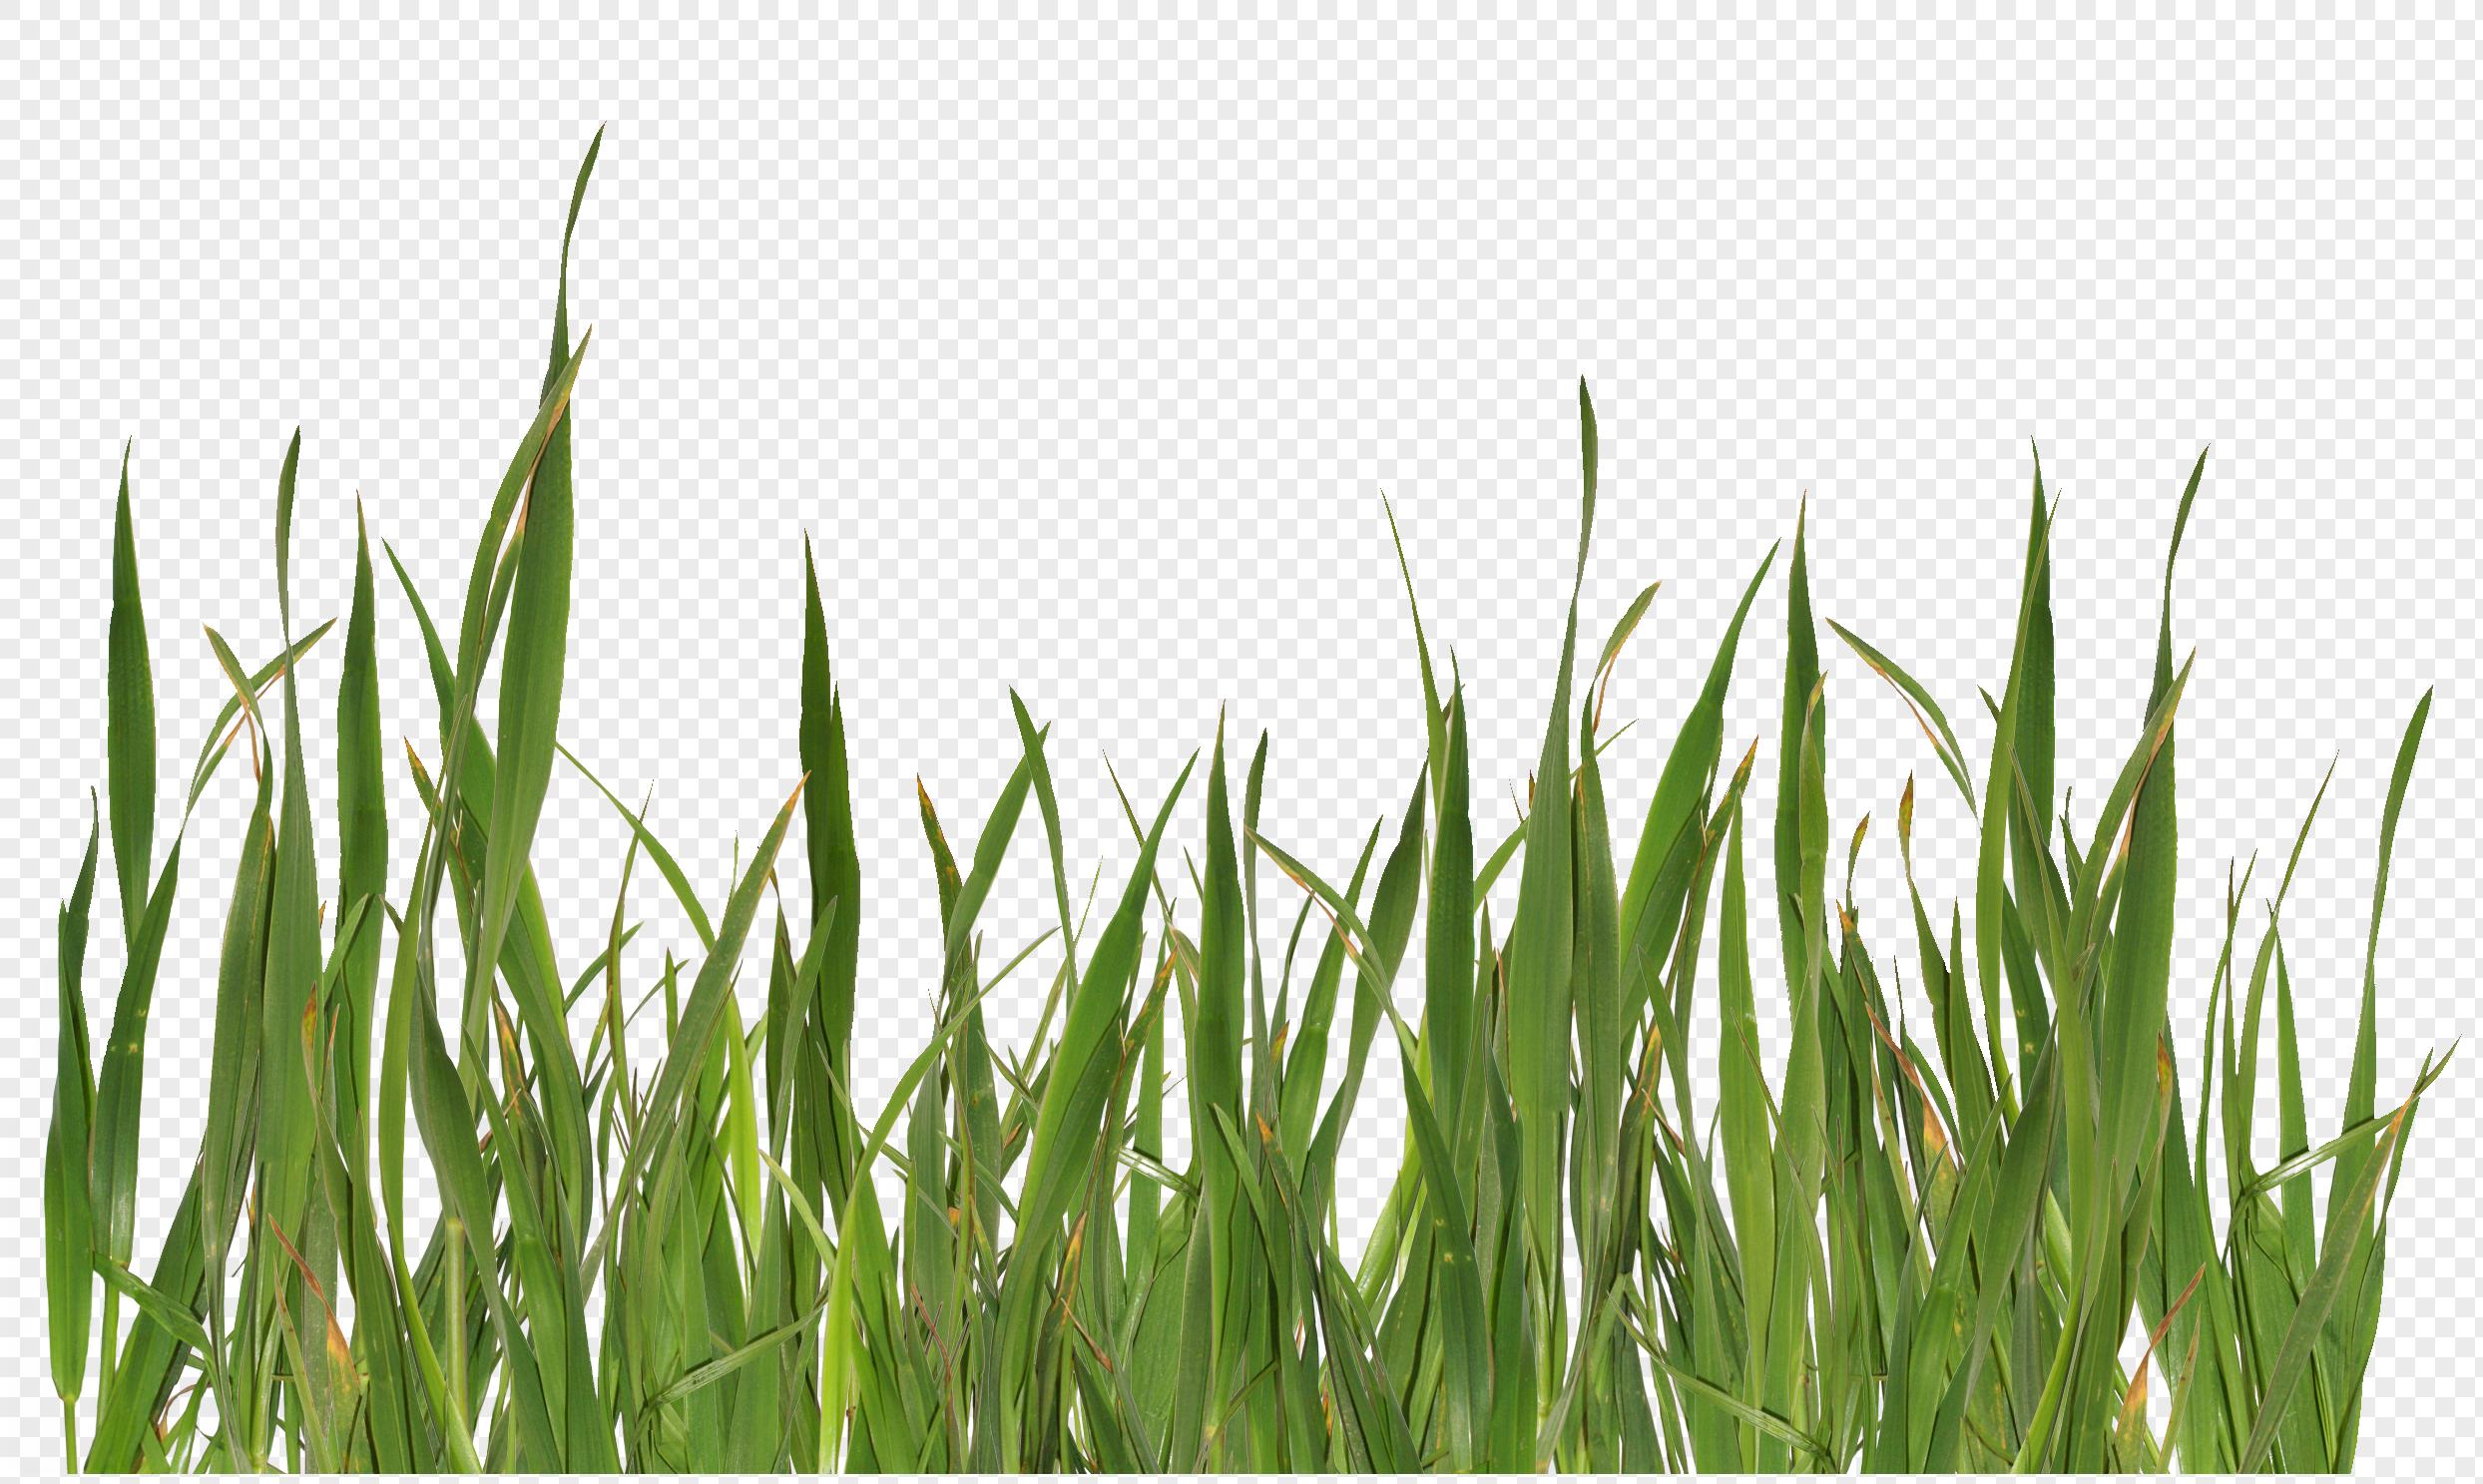 green grass png - HD2468×1467